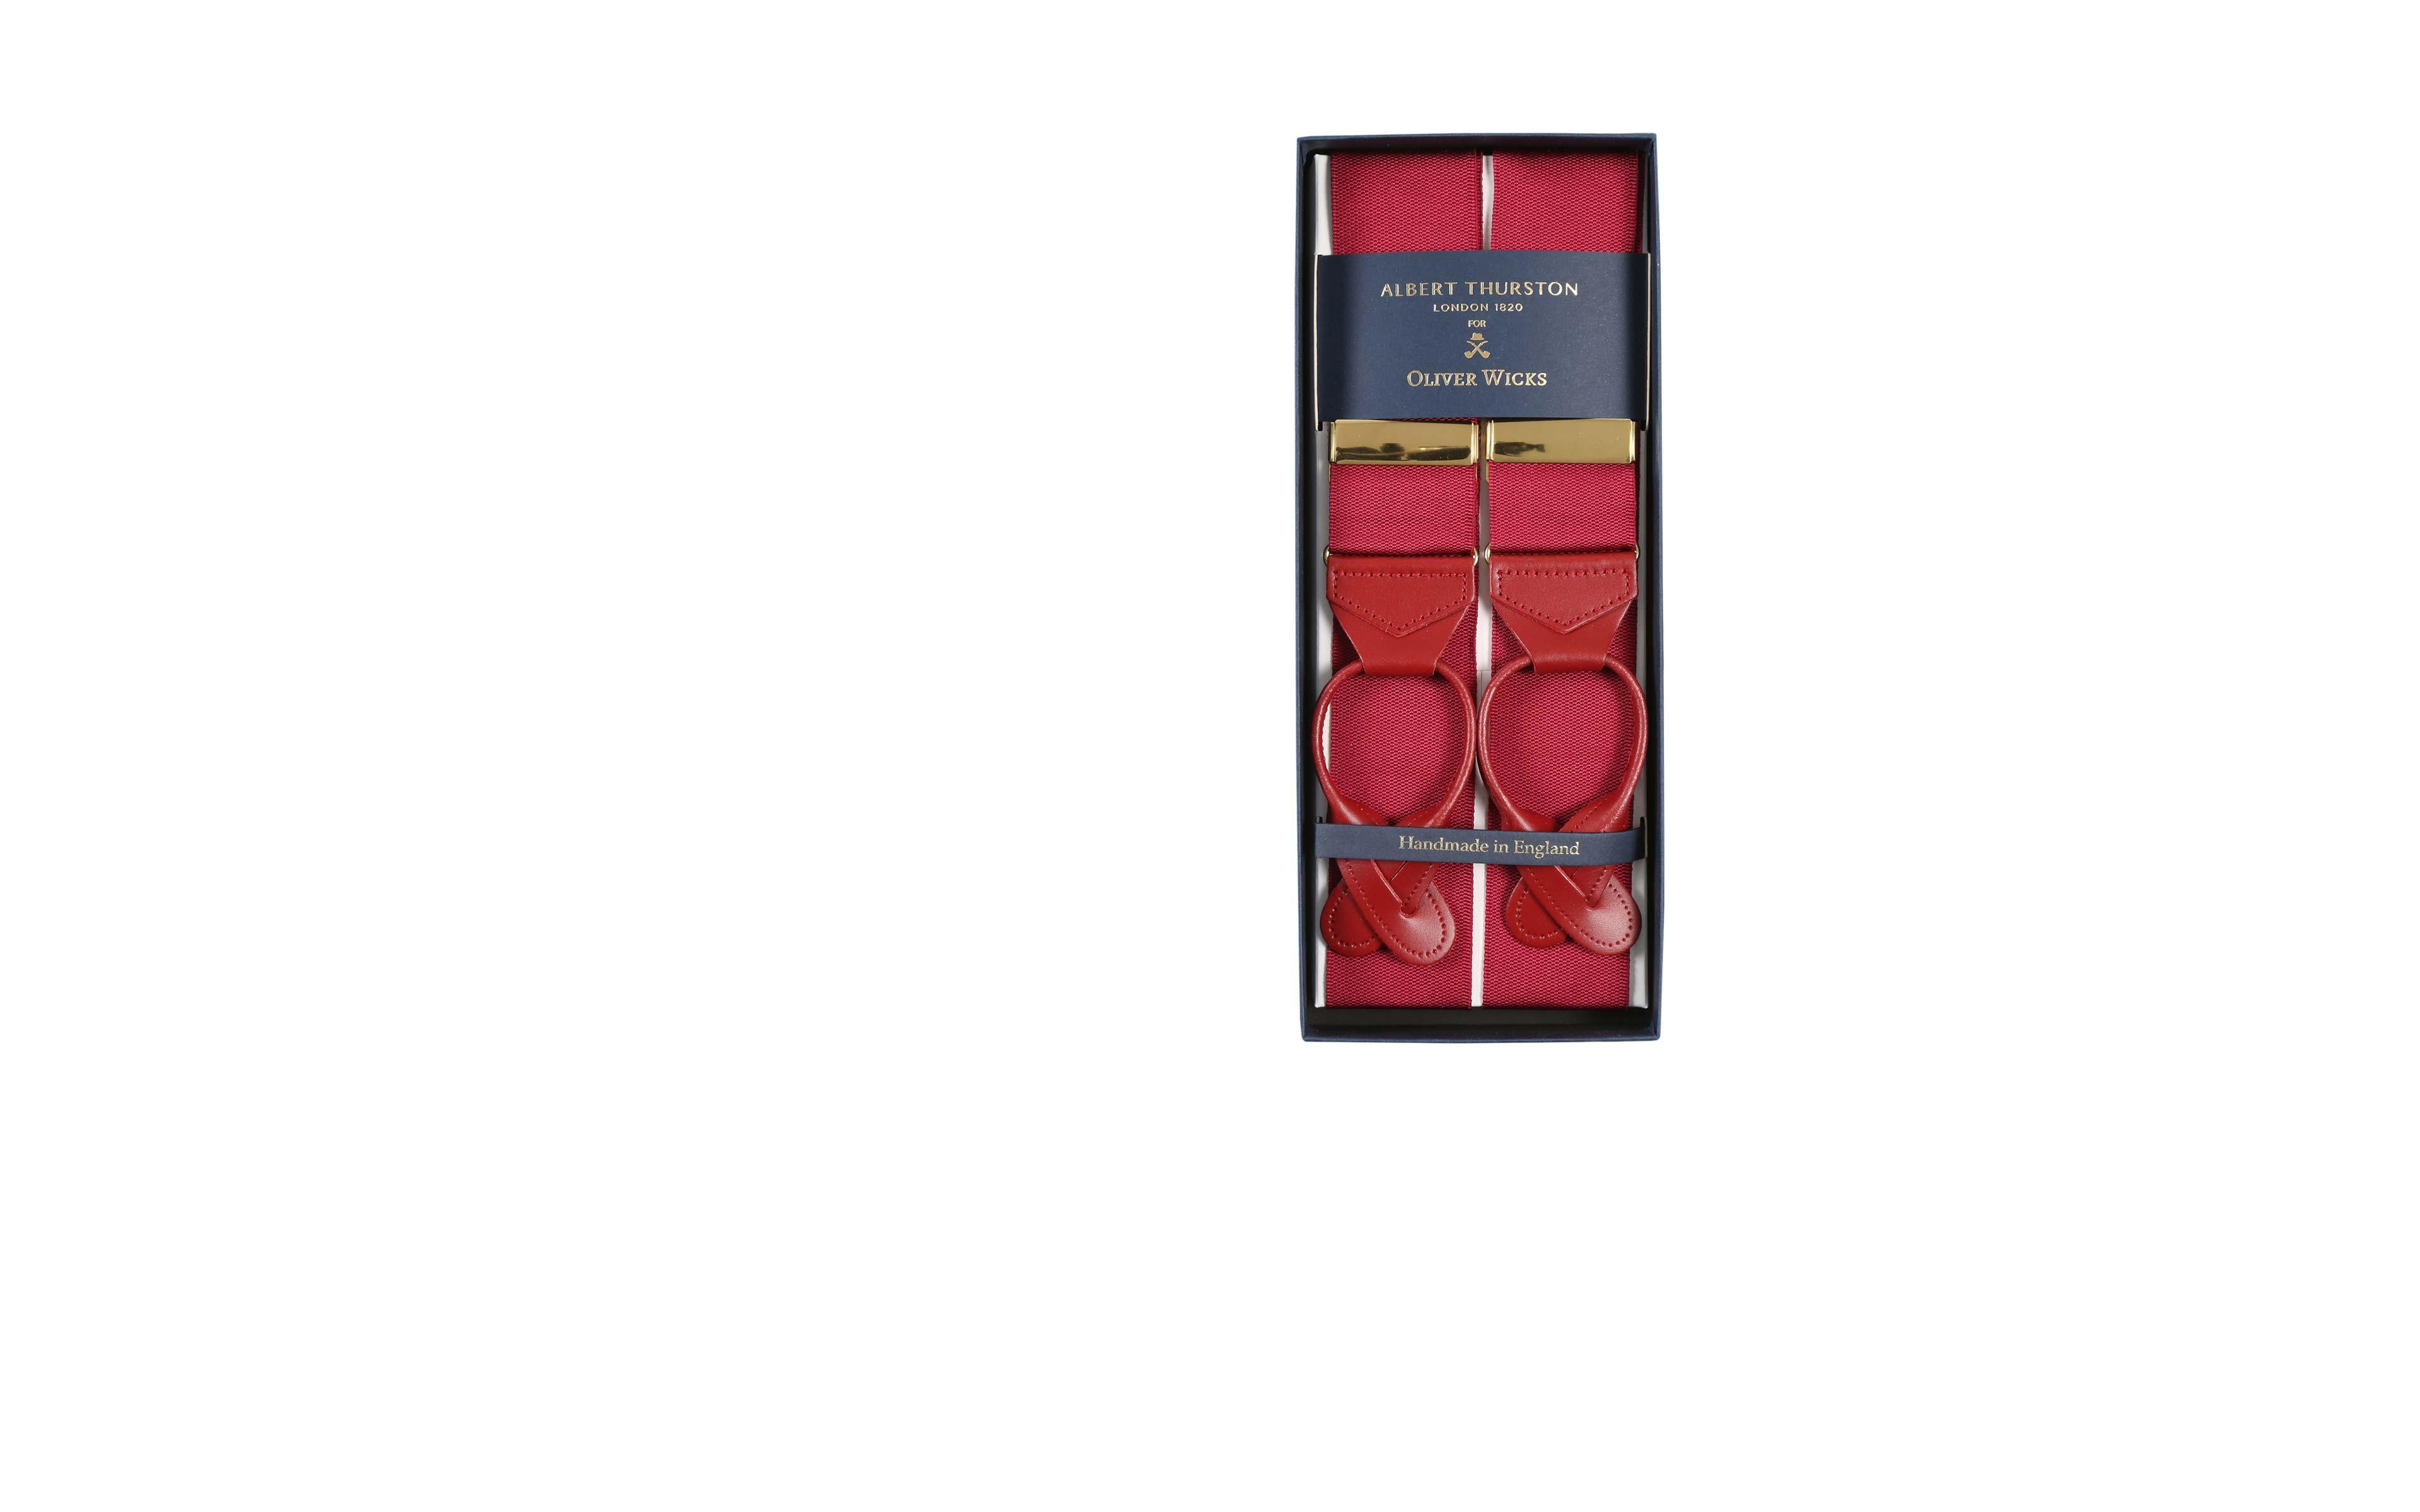 Wine Red Suspenders